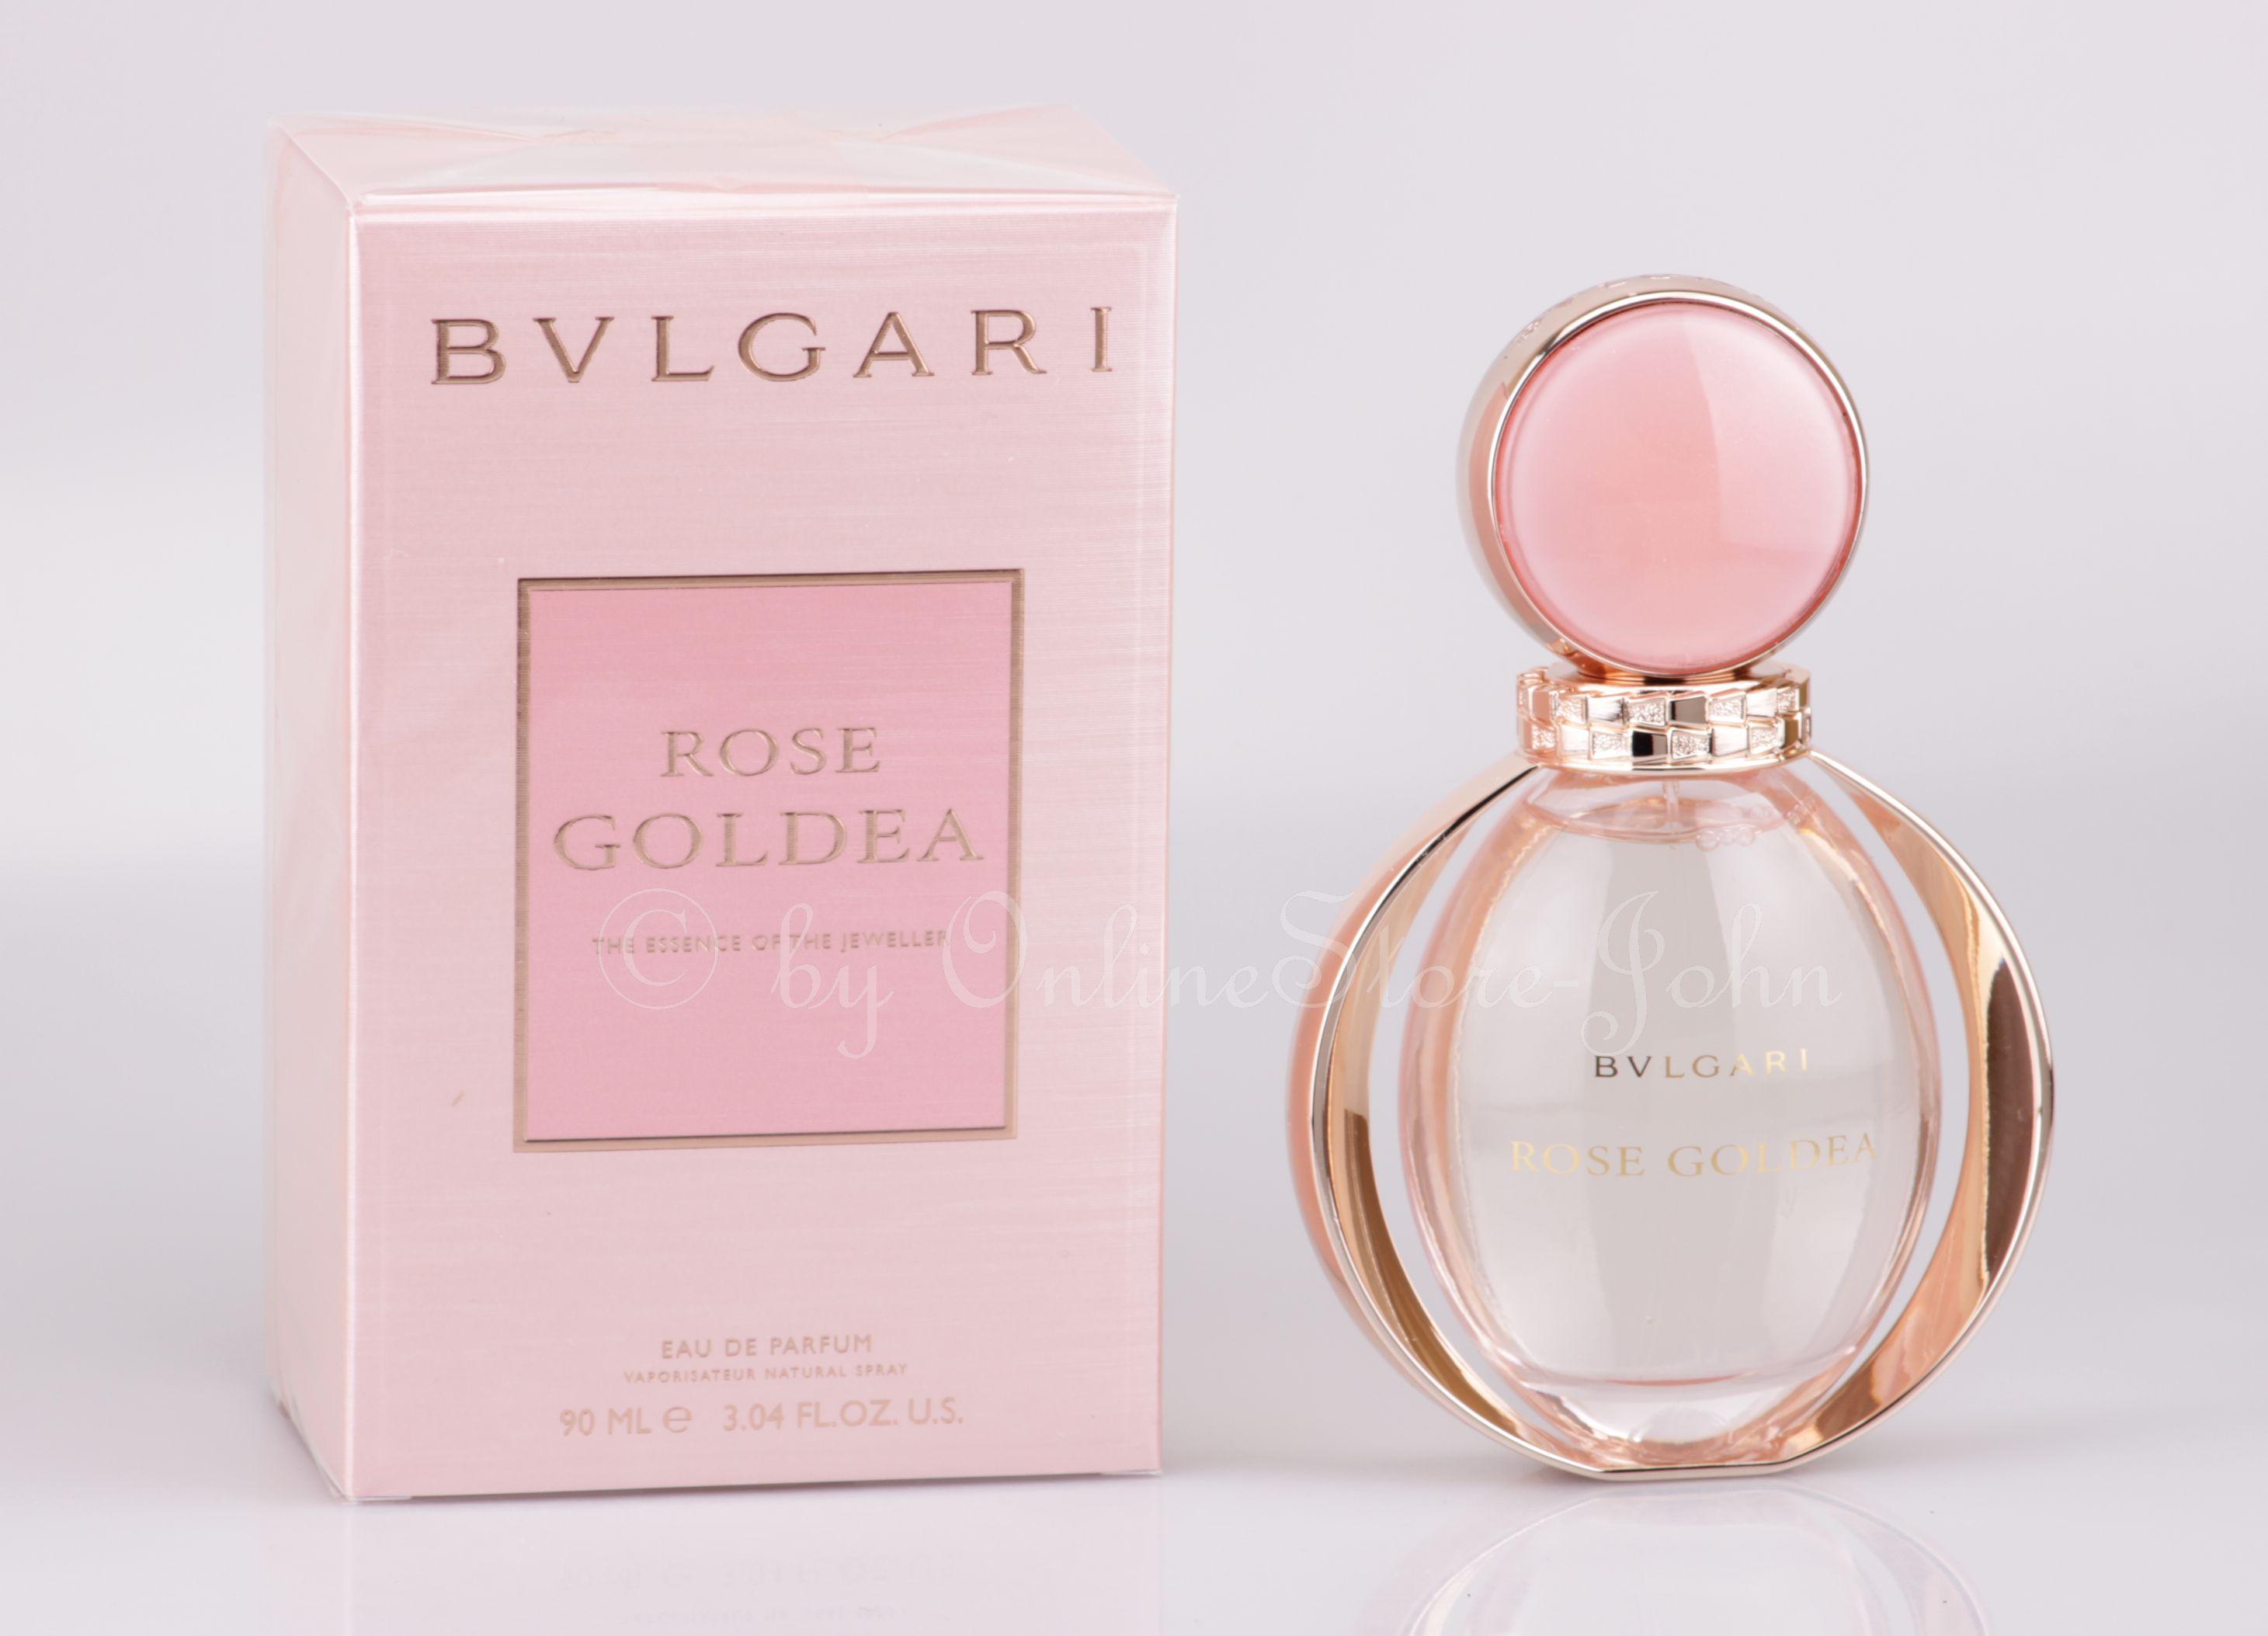 Bvlgari Rose Goldea 90ml Edp Eau De Parfum Bvgari Parfume